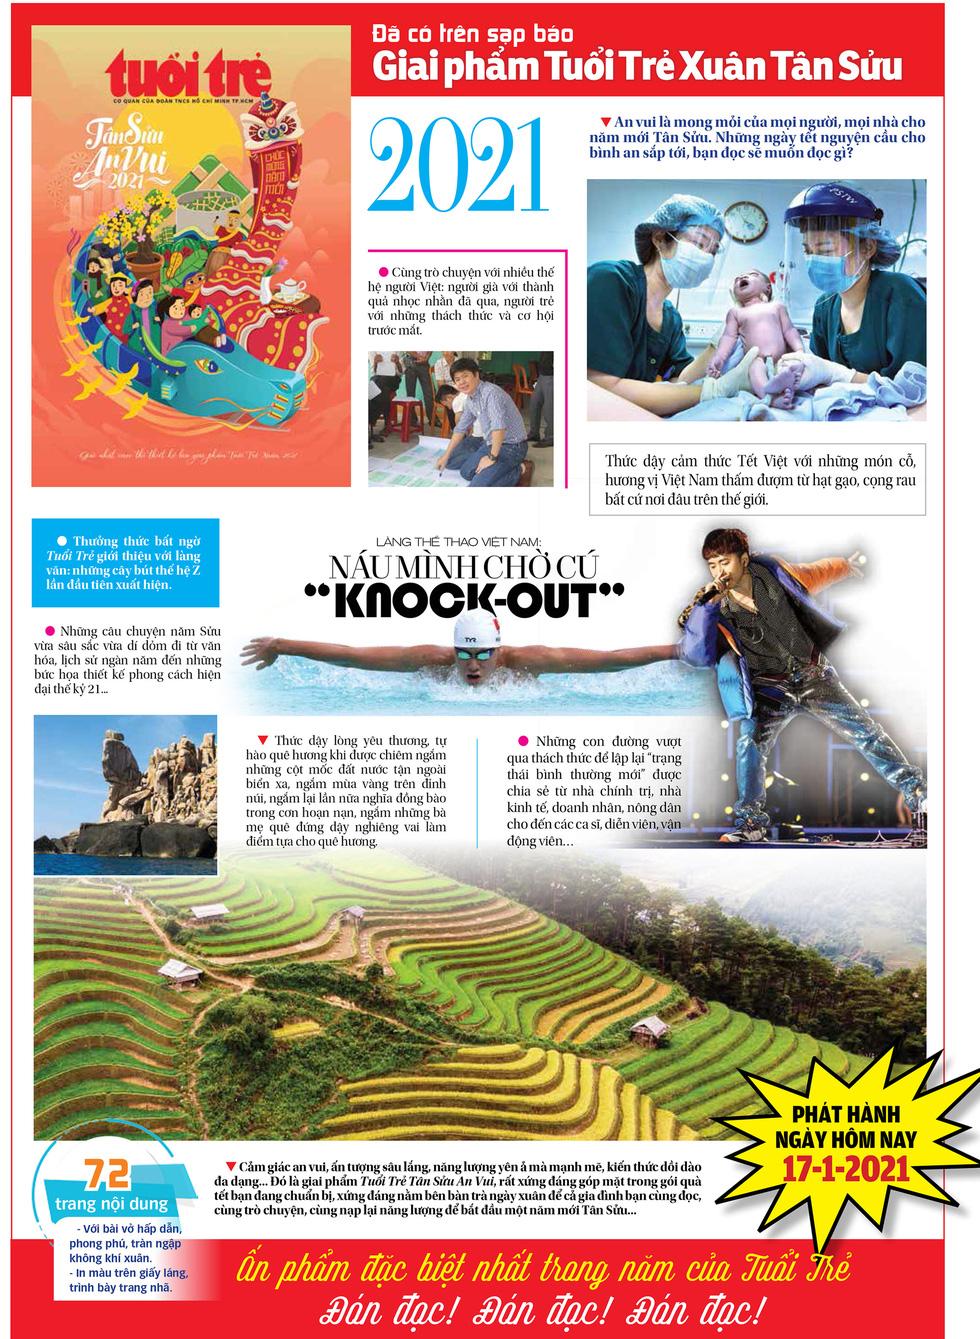 Đã có trên sạp báo Giai phẩm Tuổi Trẻ Xuân - Tân Sửu an vui - Ảnh 1.